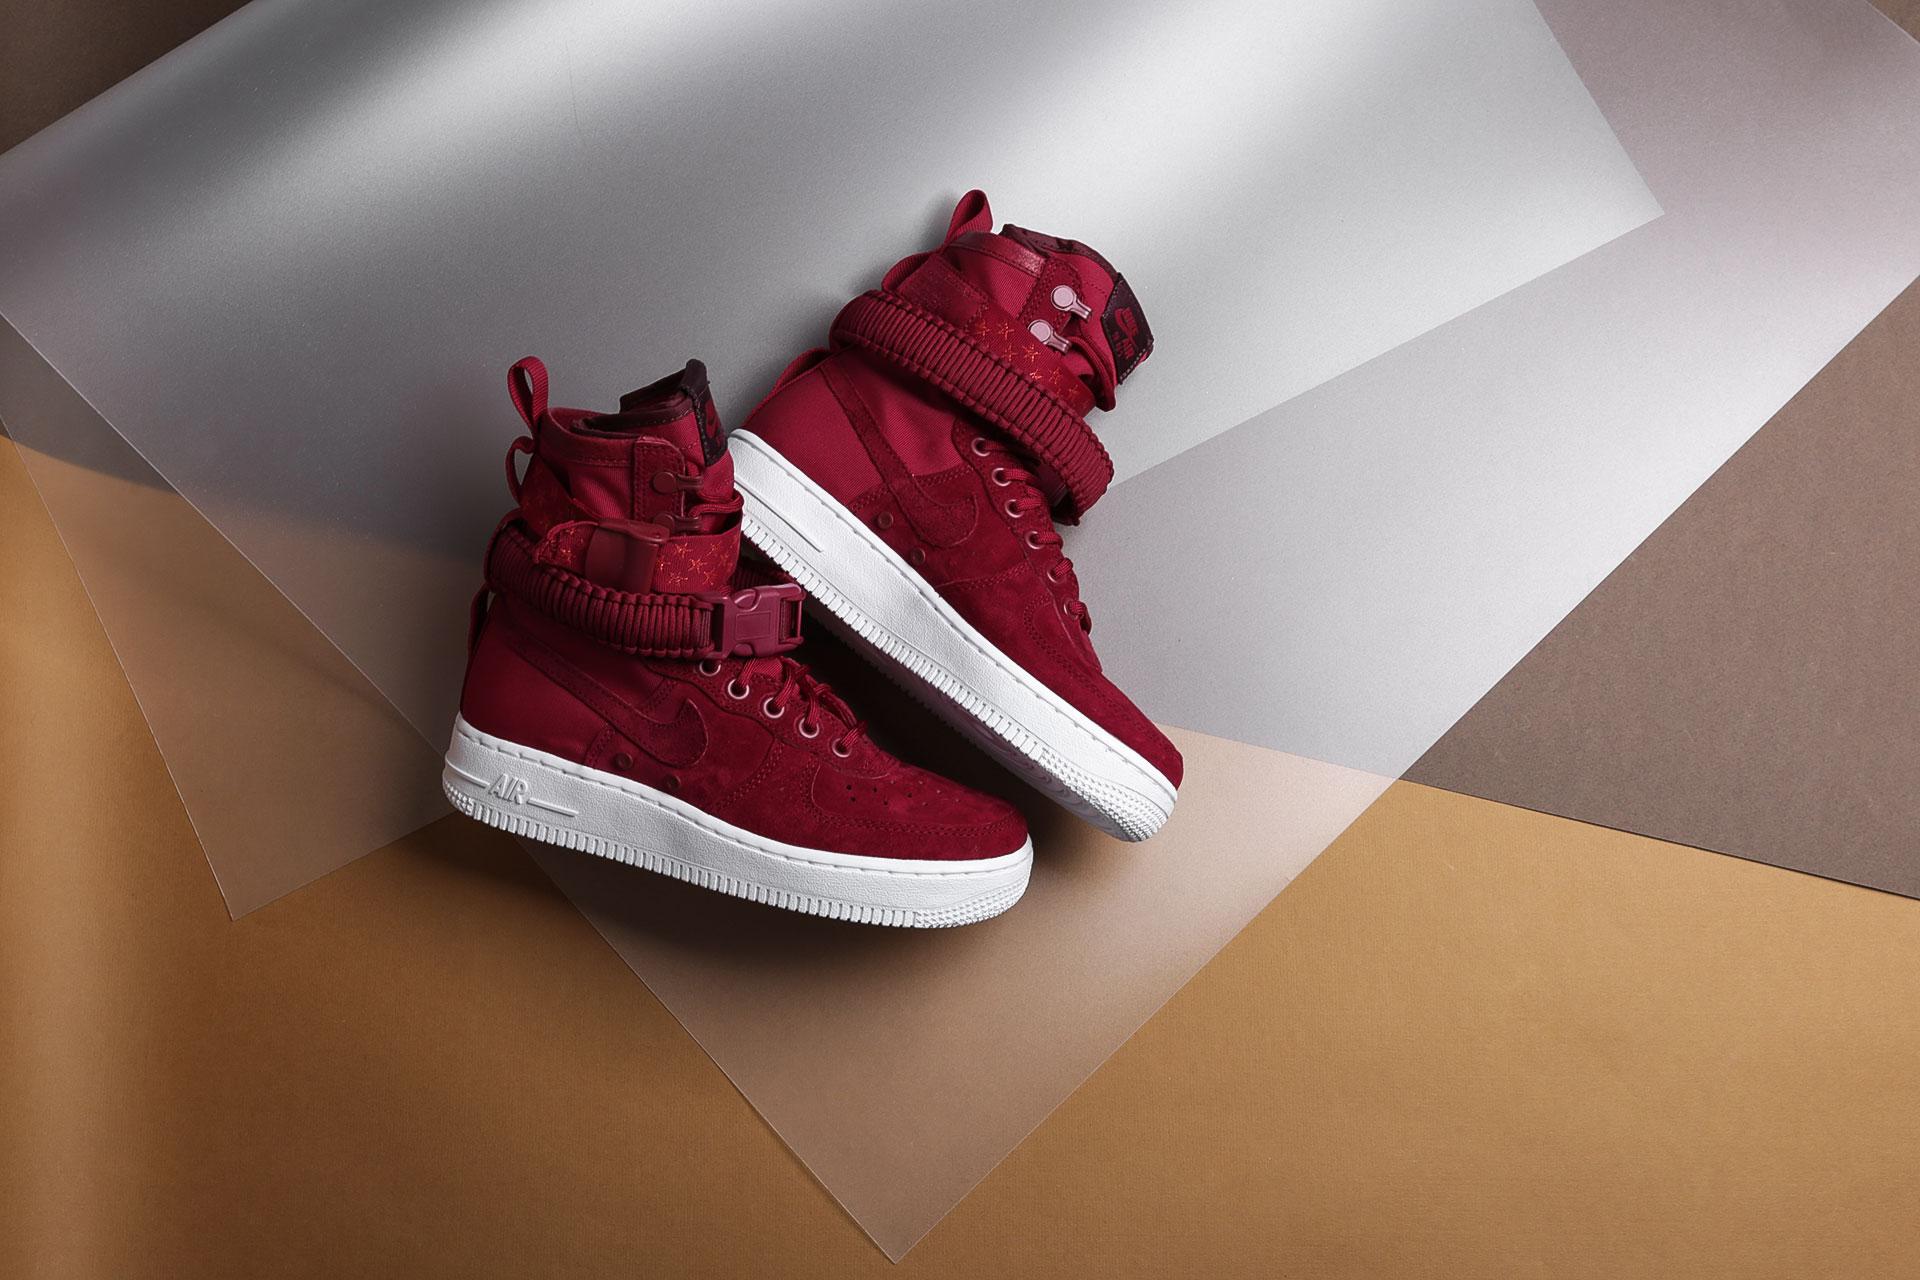 c85db66e Купить бордовые женские кроссовки WMNS SF Air Force 1 от Nike ...